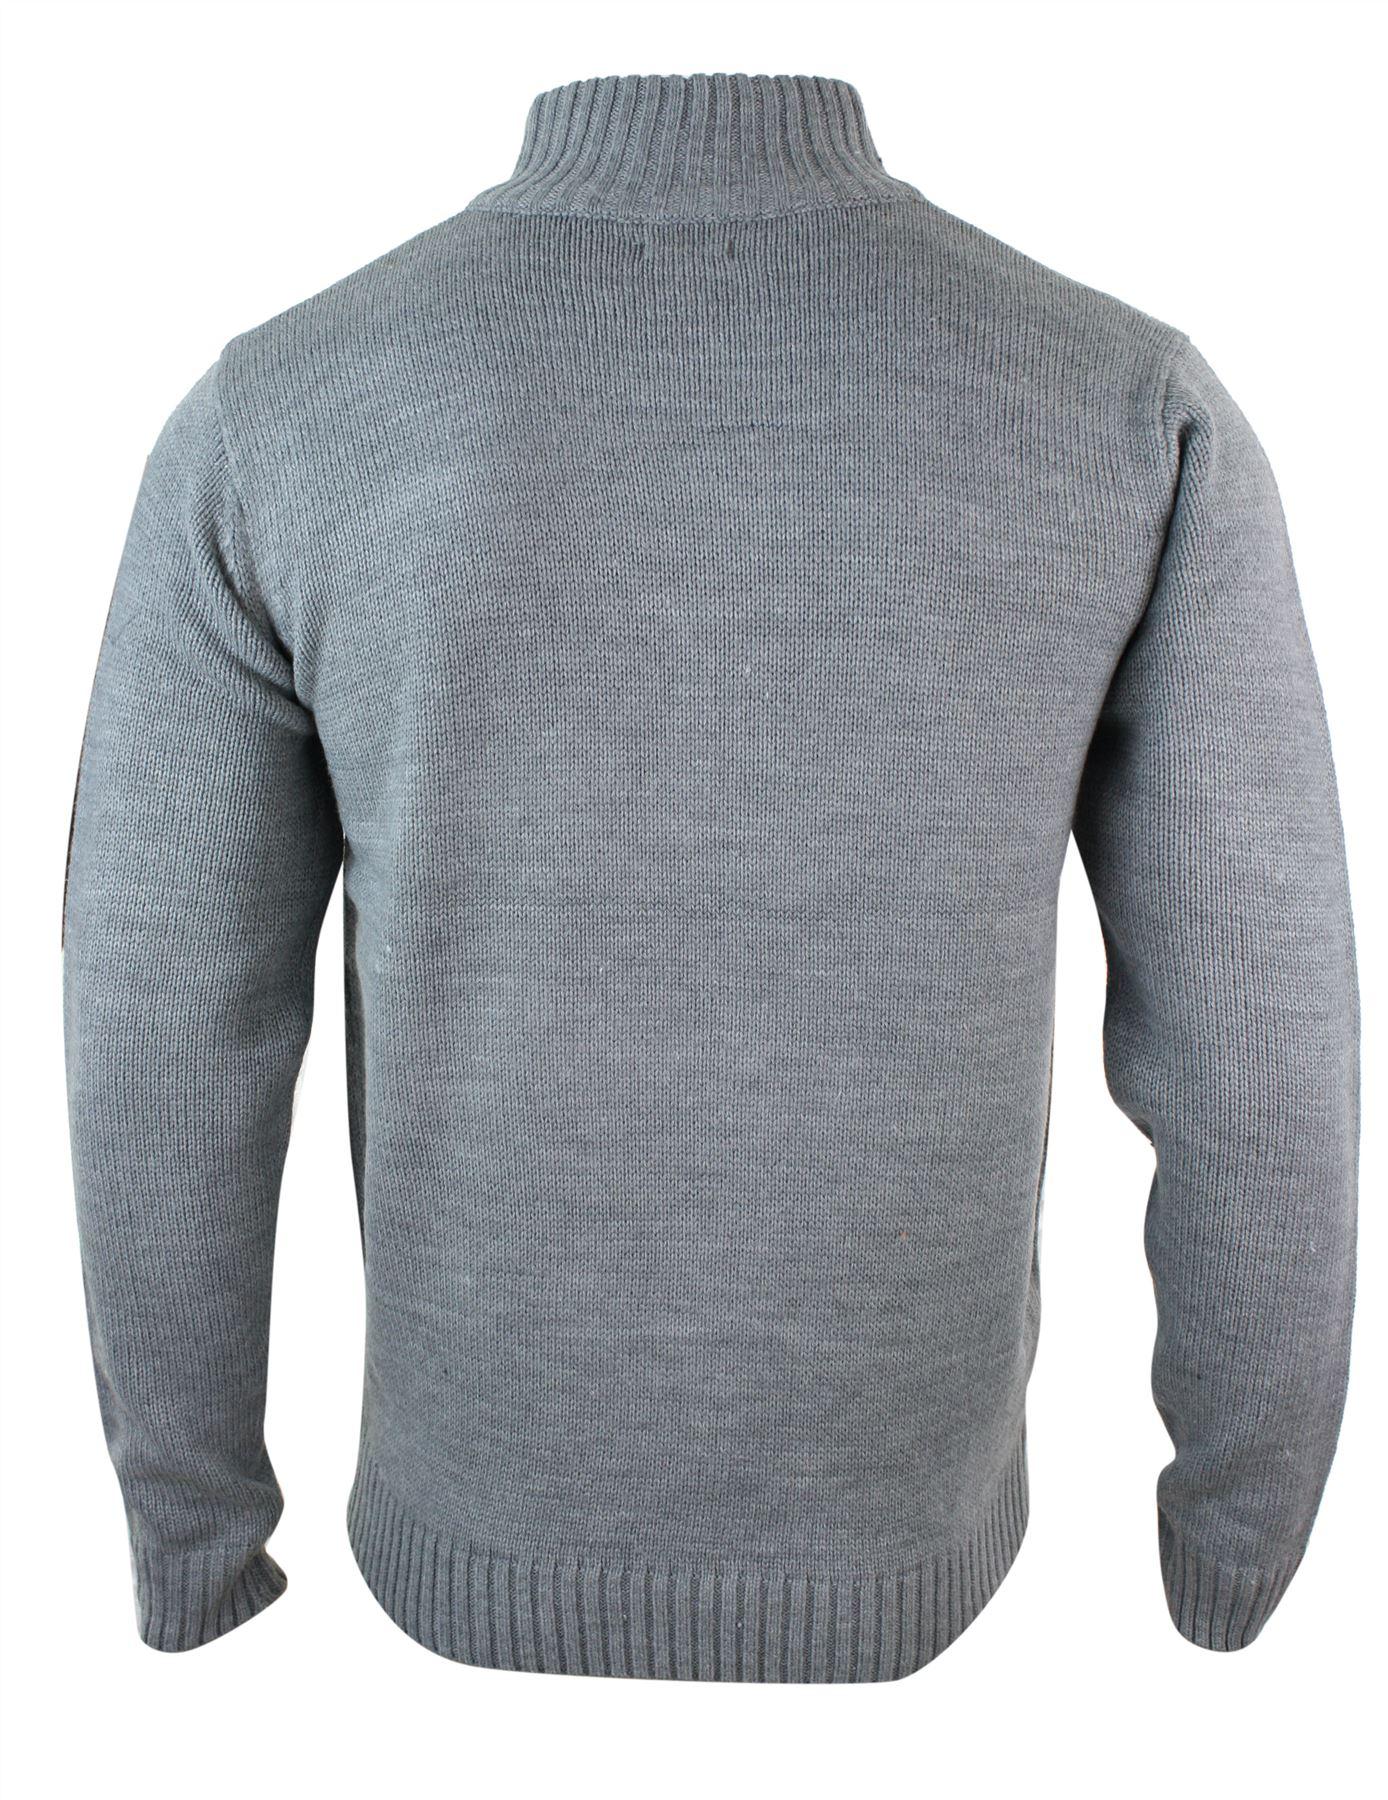 pull homme swaet tricot pais avec gros bouton et col haut style hiver chaud ebay. Black Bedroom Furniture Sets. Home Design Ideas